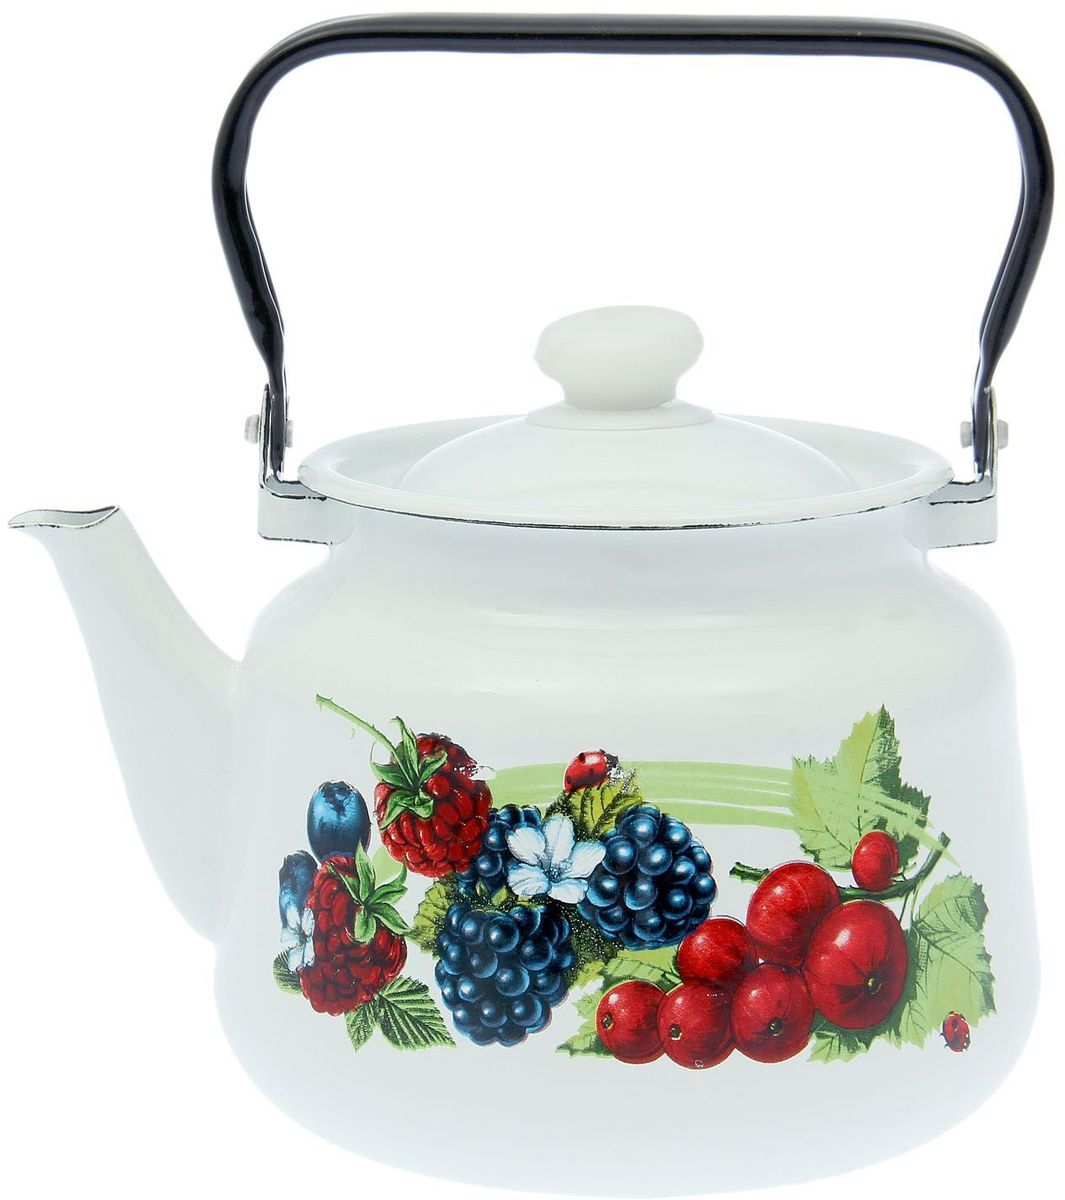 Чайник эмалированный Epos Смузи, 3,5 л1721292Чайник Epos Смузи выполнен из высококачественной стали с эмалированным покрытием. Поверхность чайникагладкая, что облегчает уход за ним. Большой объемпозволит приготовить напиток для всей семьи илинебольшой компании. Эстетичный и функциональный чайник будеторигинально смотреться в любом интерьере. Душевная атмосфера и со вкусом накрытый стол всегда будут собирать в вашем доме близких и друзей.Чайник подходит для использования на всех типах плит,включая индукционные. Объем: 3,5 л.